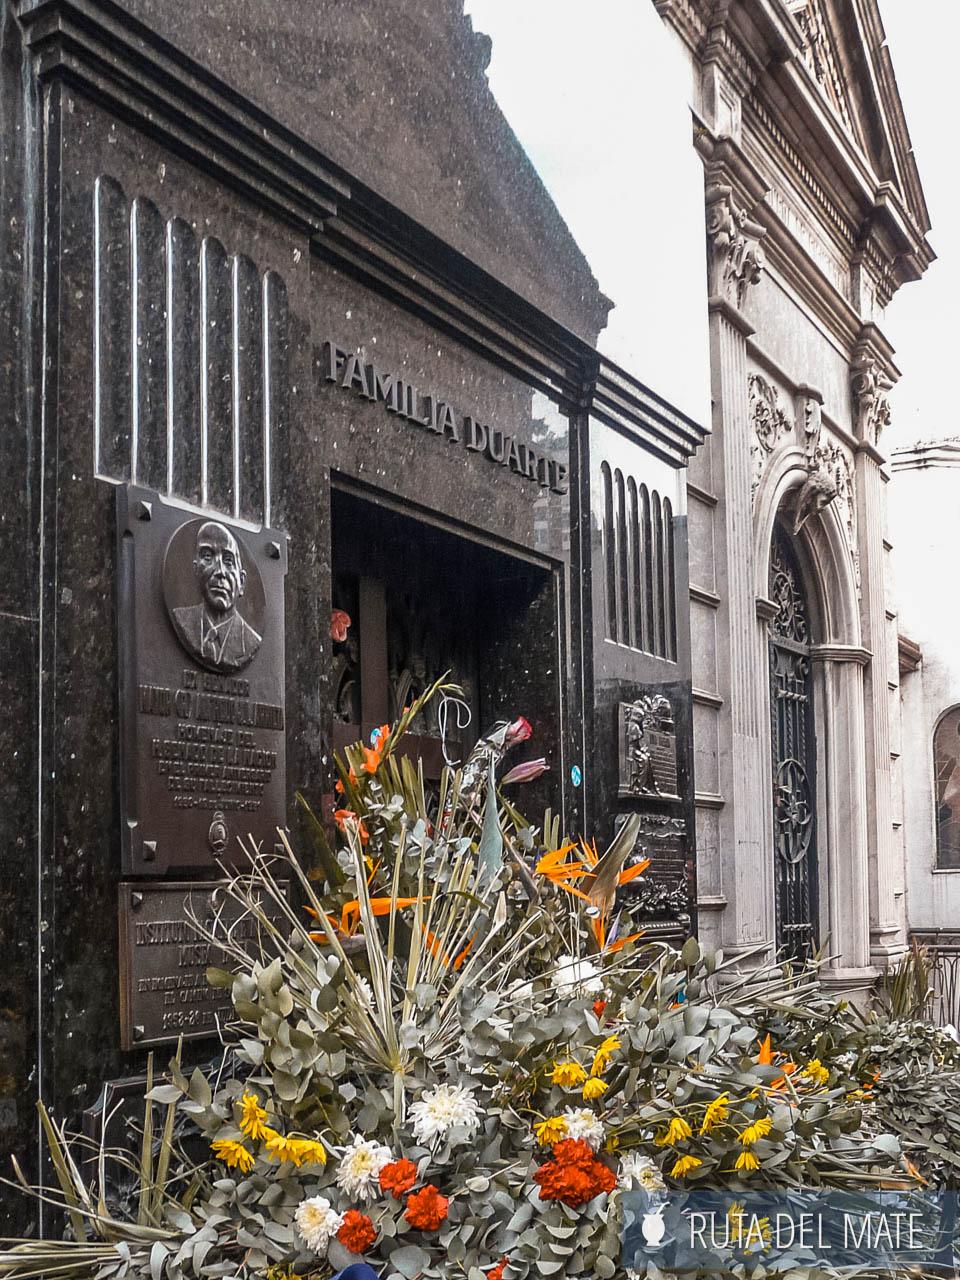 Cementerio de la Recoleta, mausoleo de Evita Perón